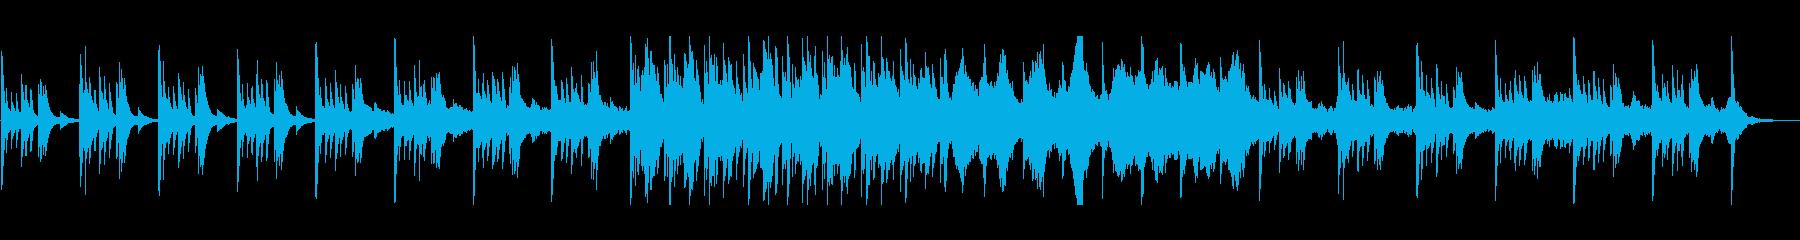 ピアノを使用した切ないアンビエントの再生済みの波形